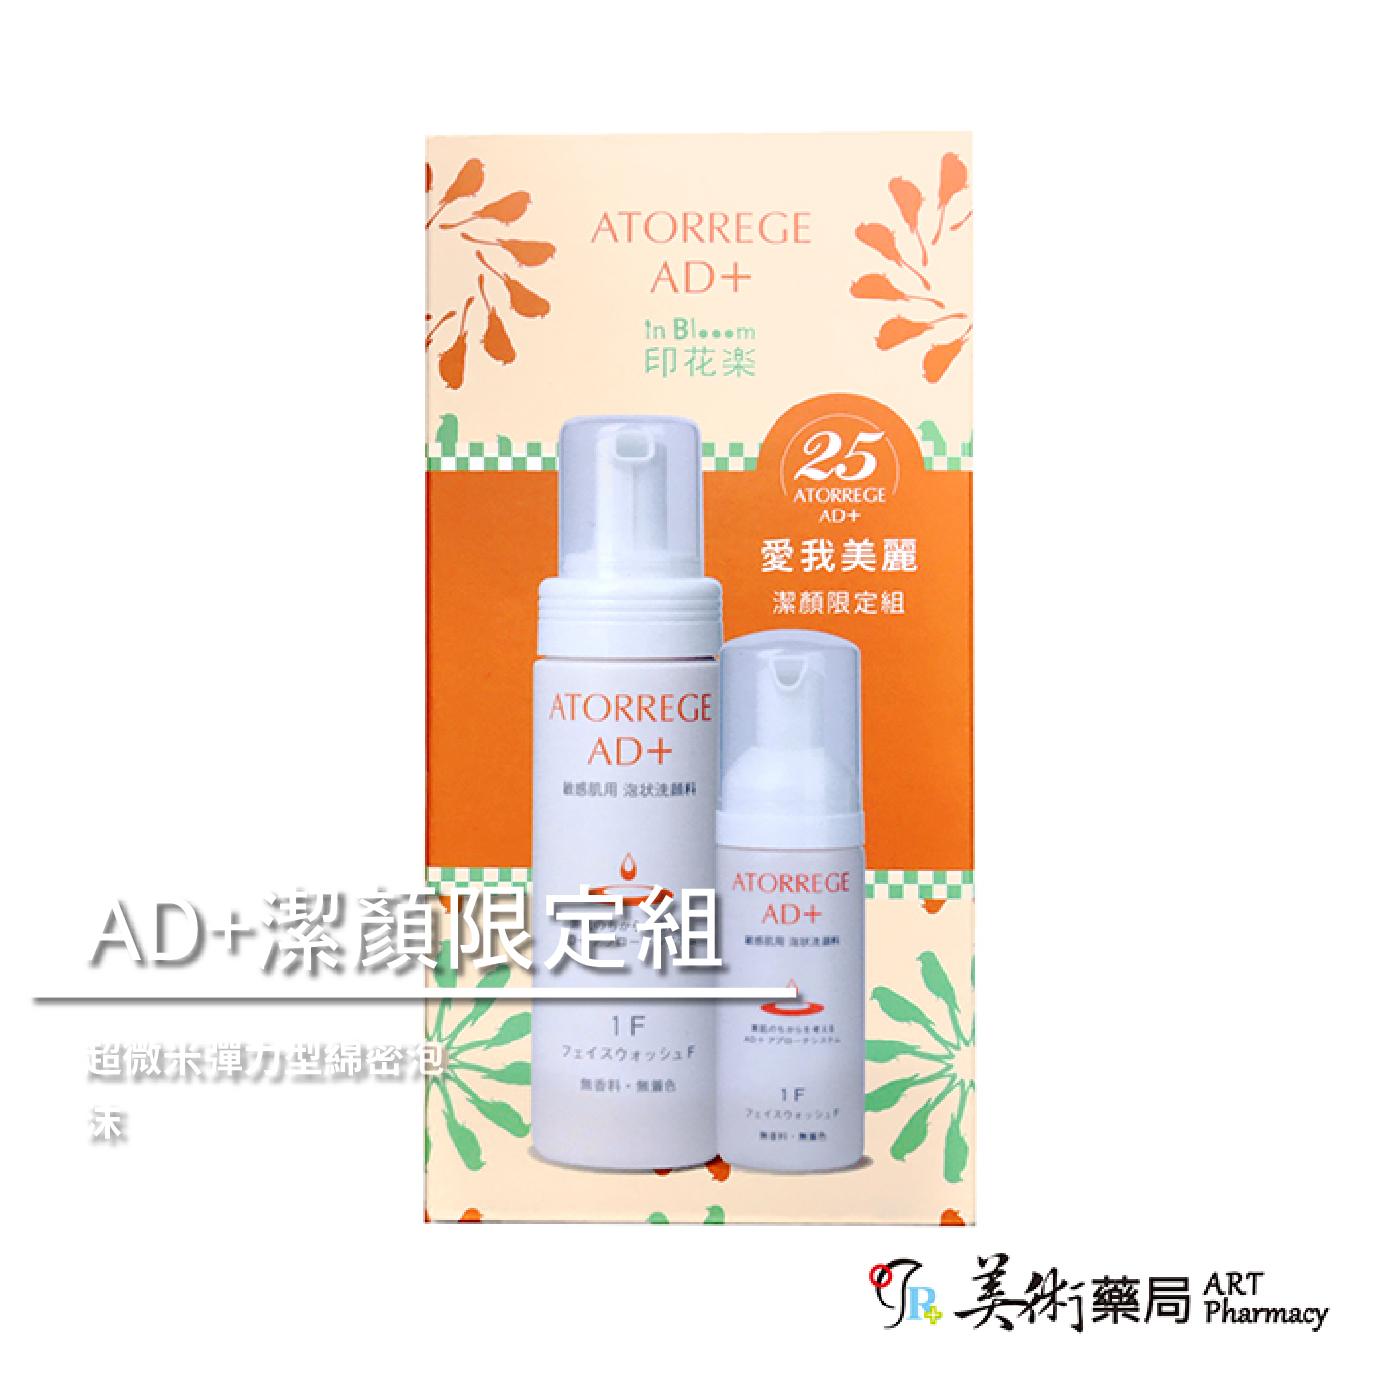 【美術藥局】ATORREGE AD+潔顏限定組/組合/2瓶1袋一組